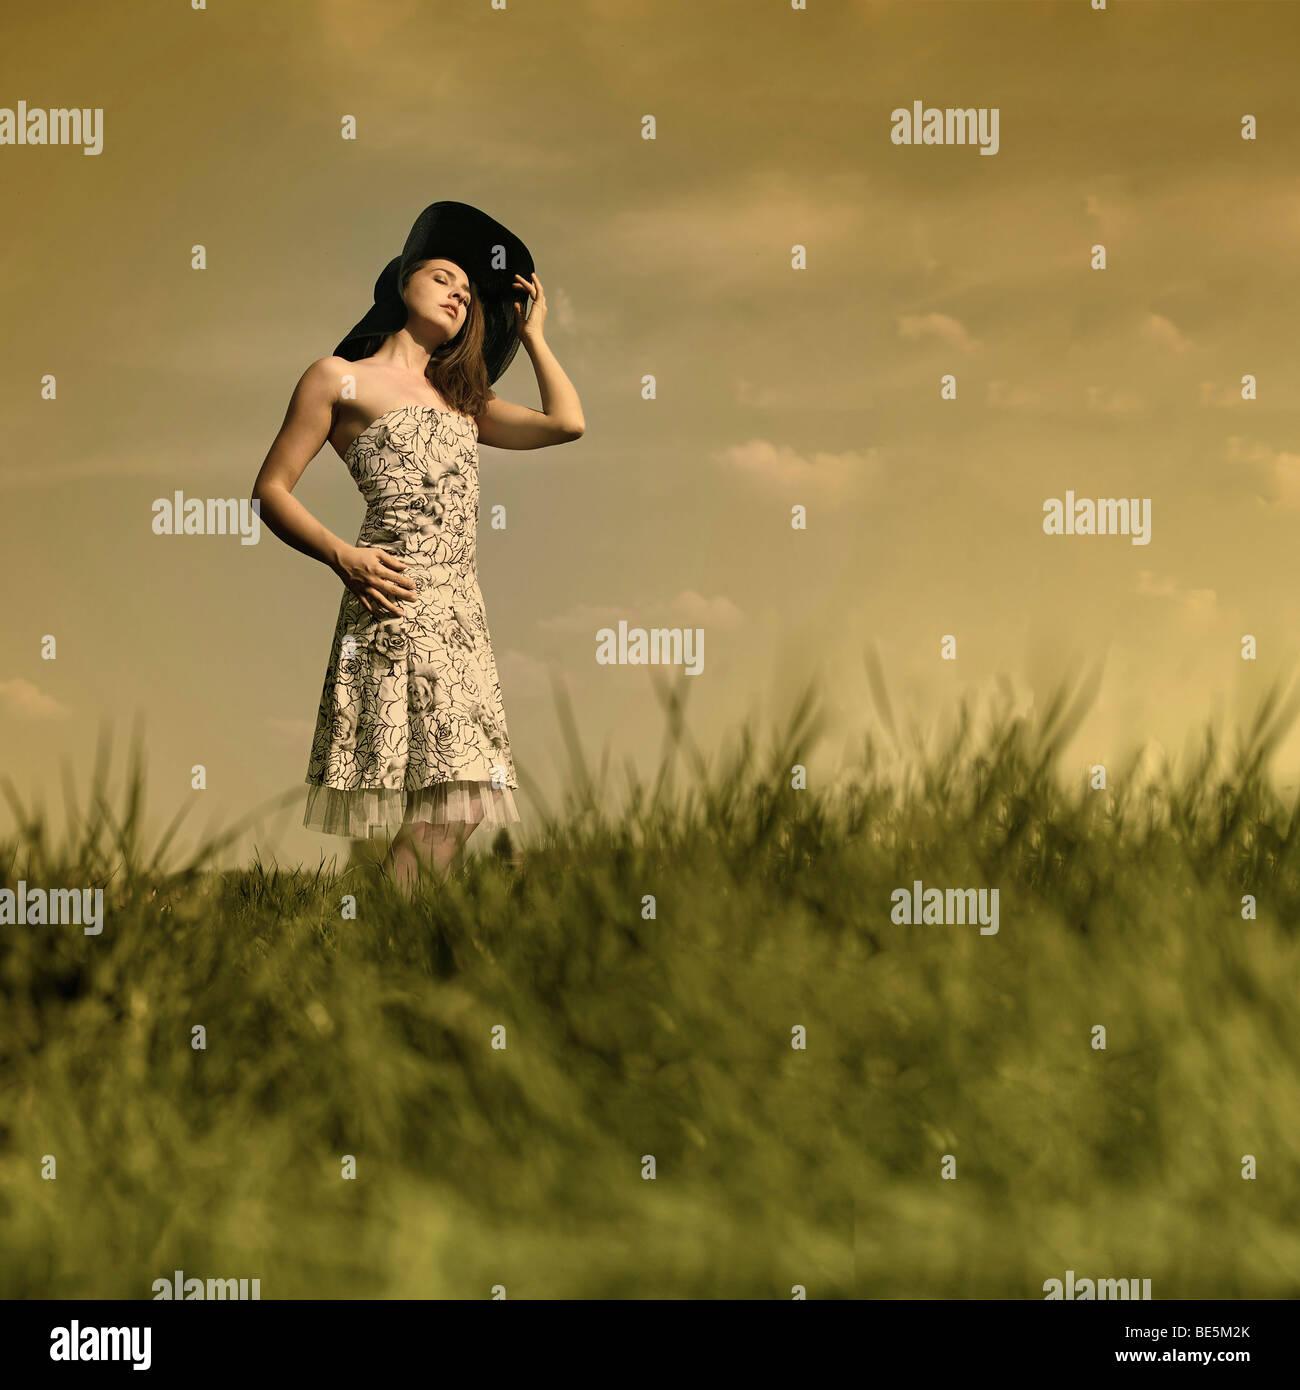 Jeune femme avec une robe fleurie et grand chapeau est dans un pré et à la recherche dans le soleil Photo Stock